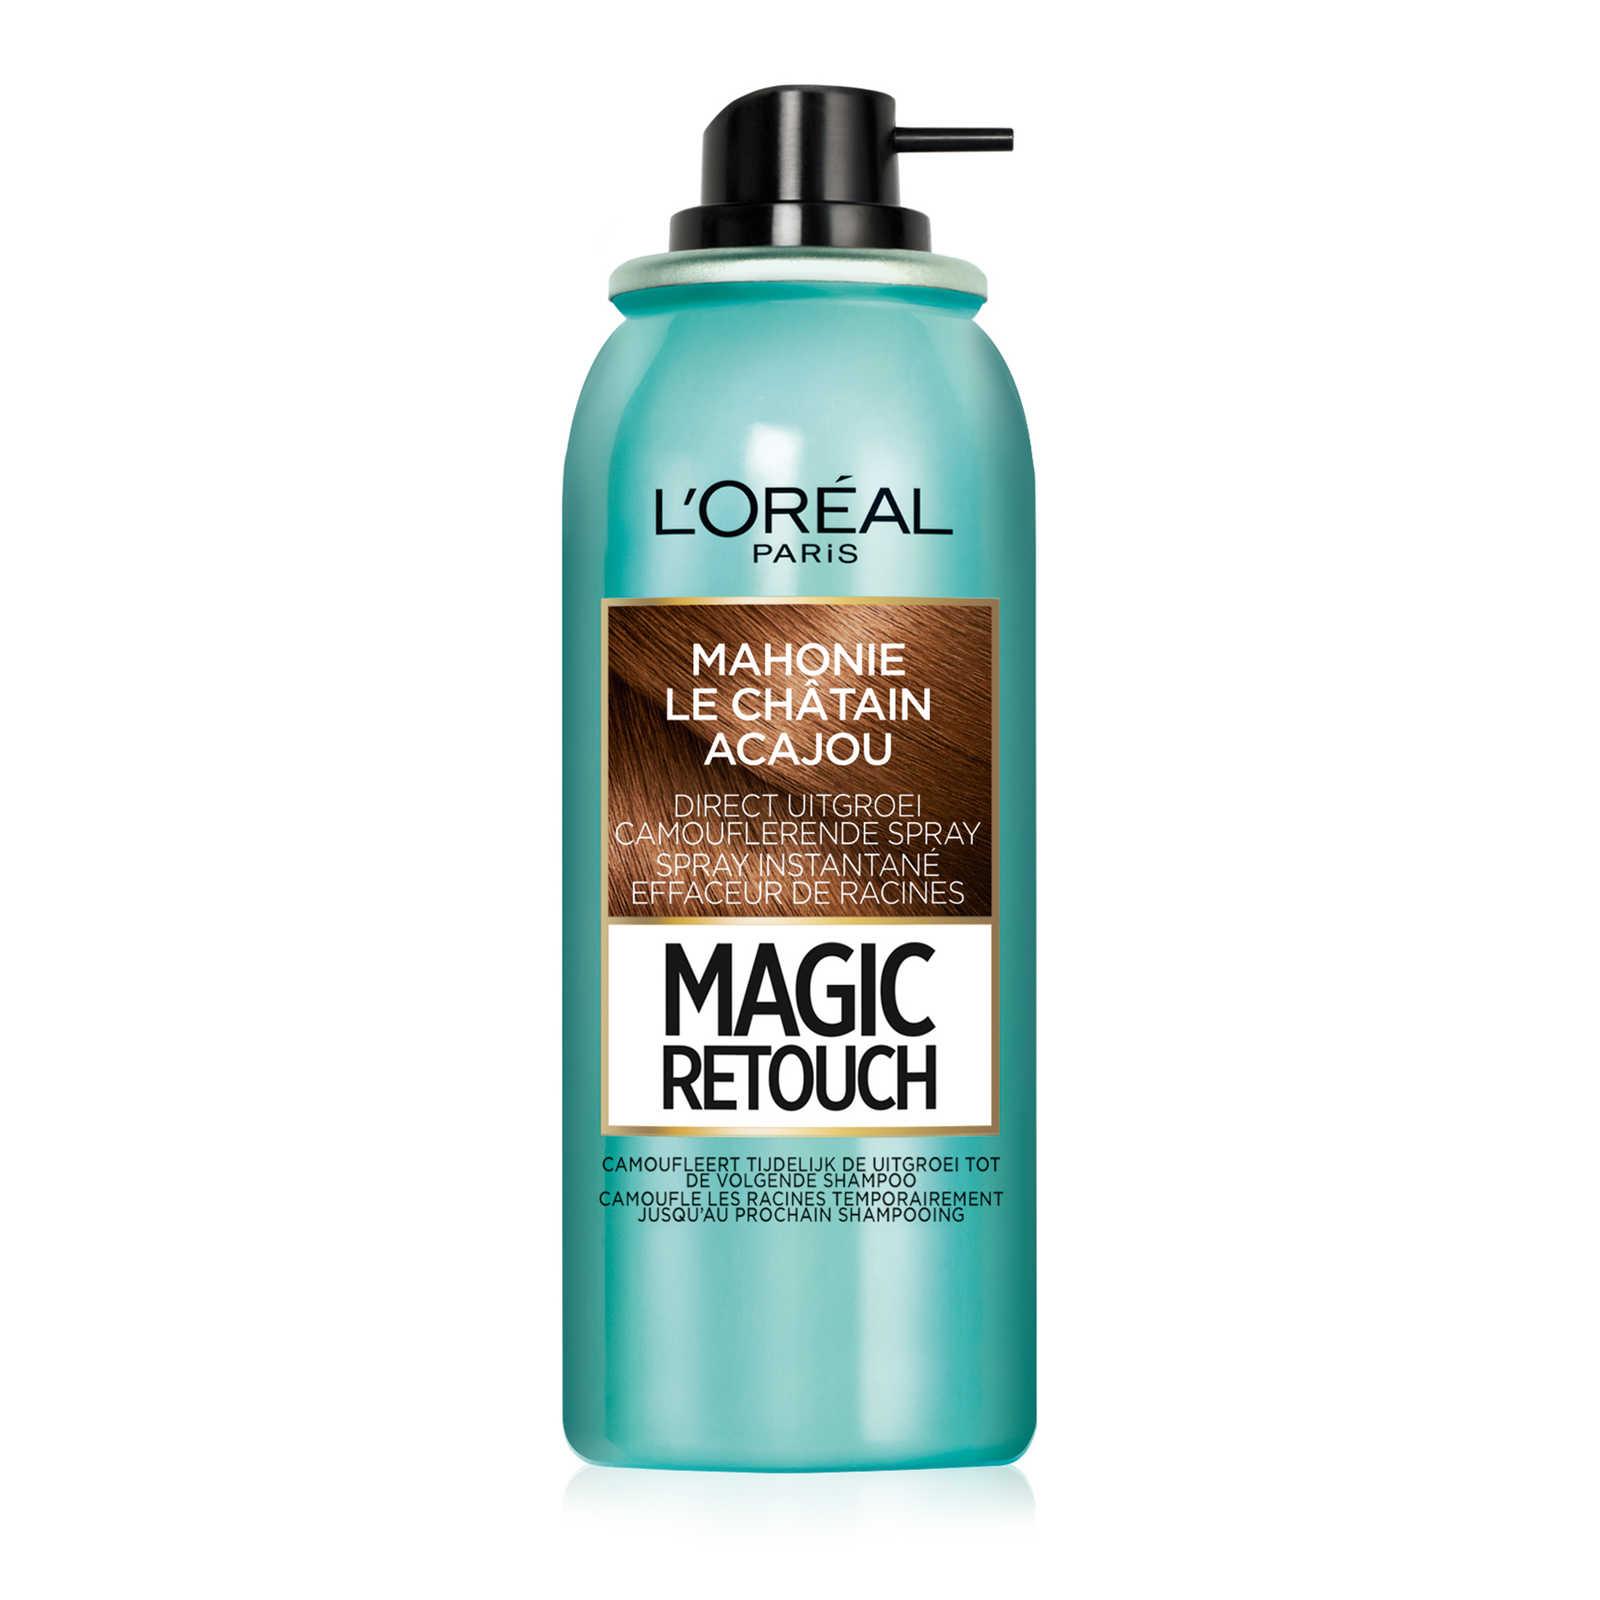 L'Oréal Paris-Magic Retouch